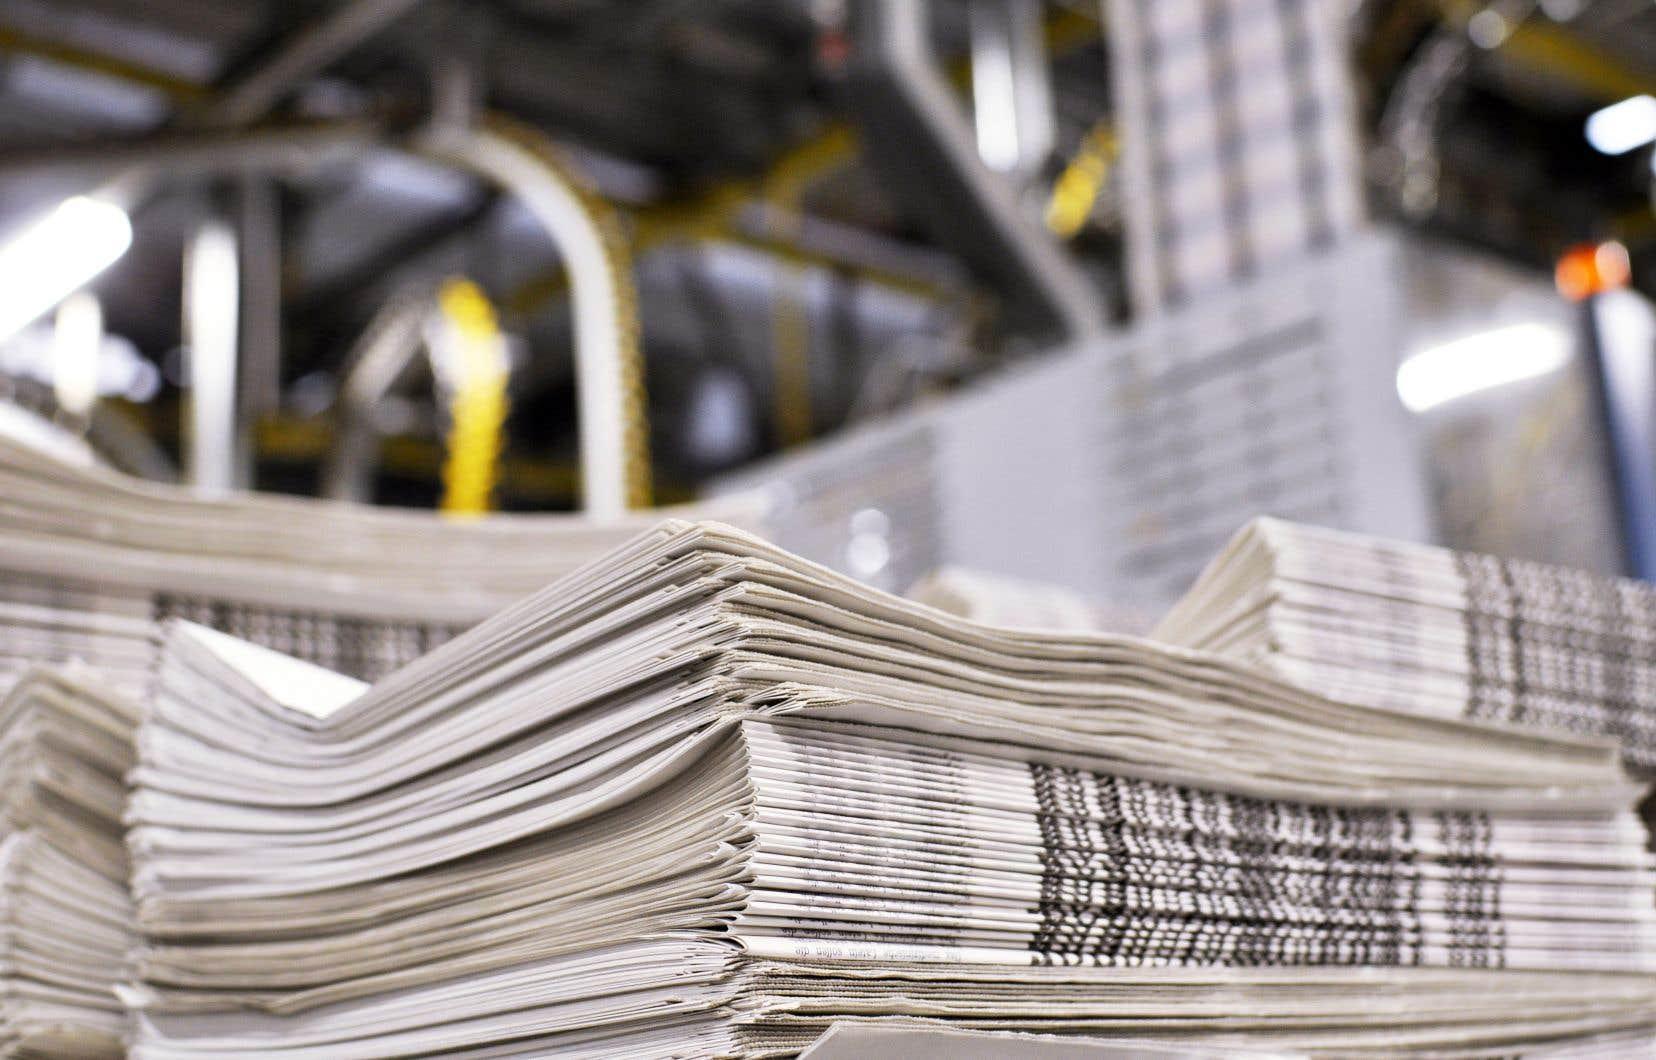 «Le paysage médiatique québécois s'est considérablement transformé, nous dit l'étude de Colette Brin et Anne-Marie Brunelle, à la fois par le nombre de médias en activité que par les principaux groupes médiatiques en présence», et la presse écrite a été, et de loin, la plus touchée.